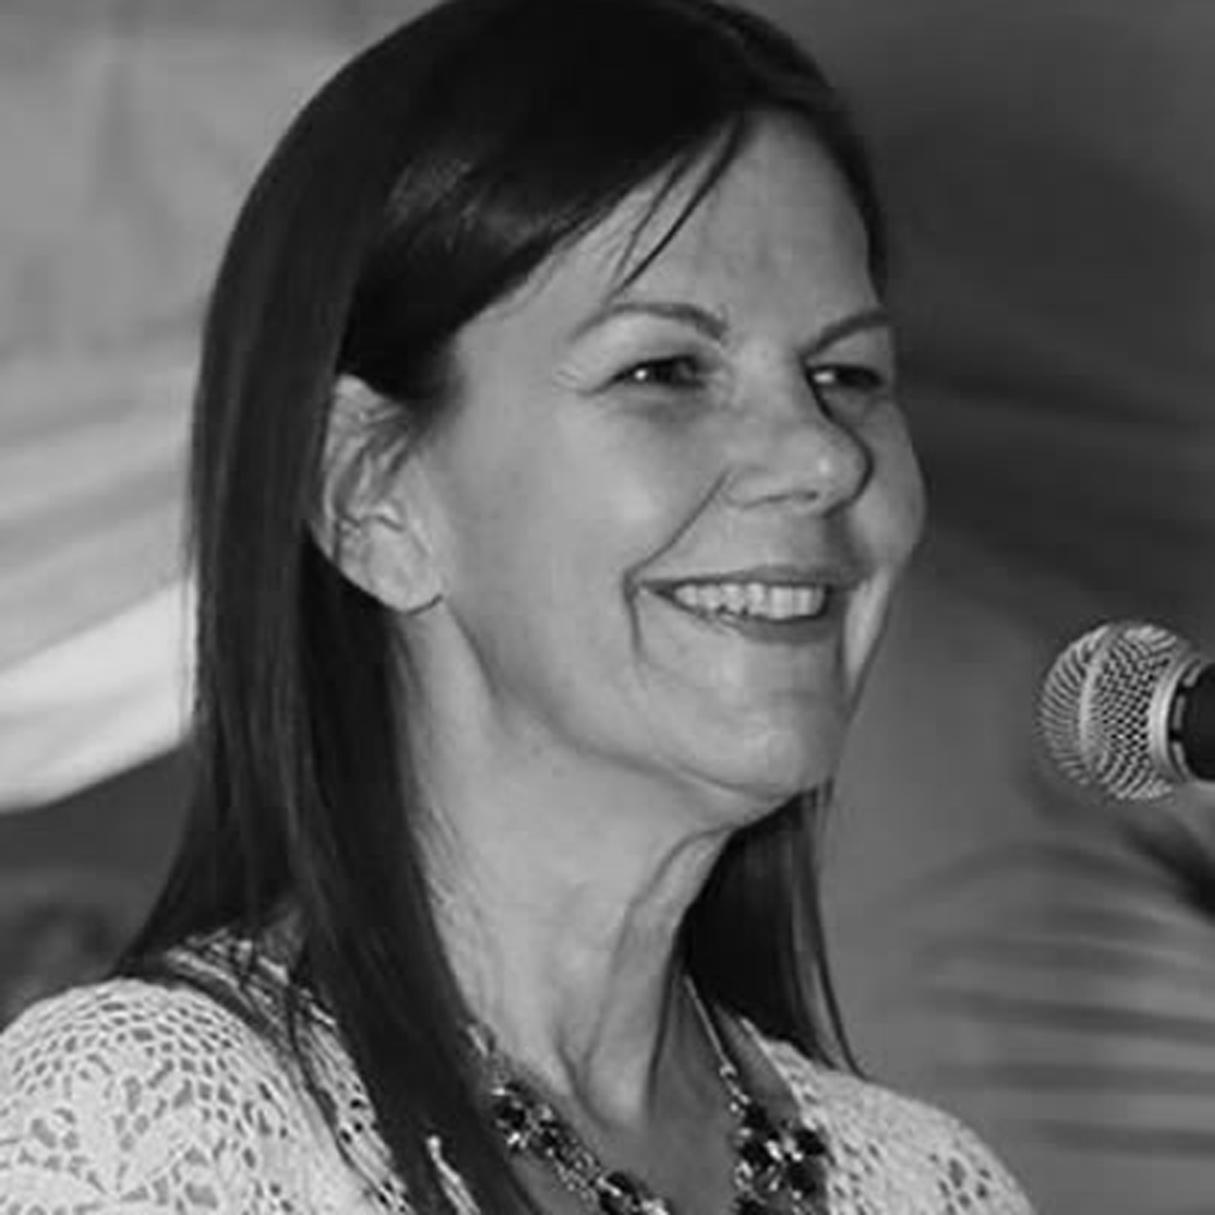 Sophie-Sabbage-speaking-at-TEDxRoyalTunbridgeWells.png